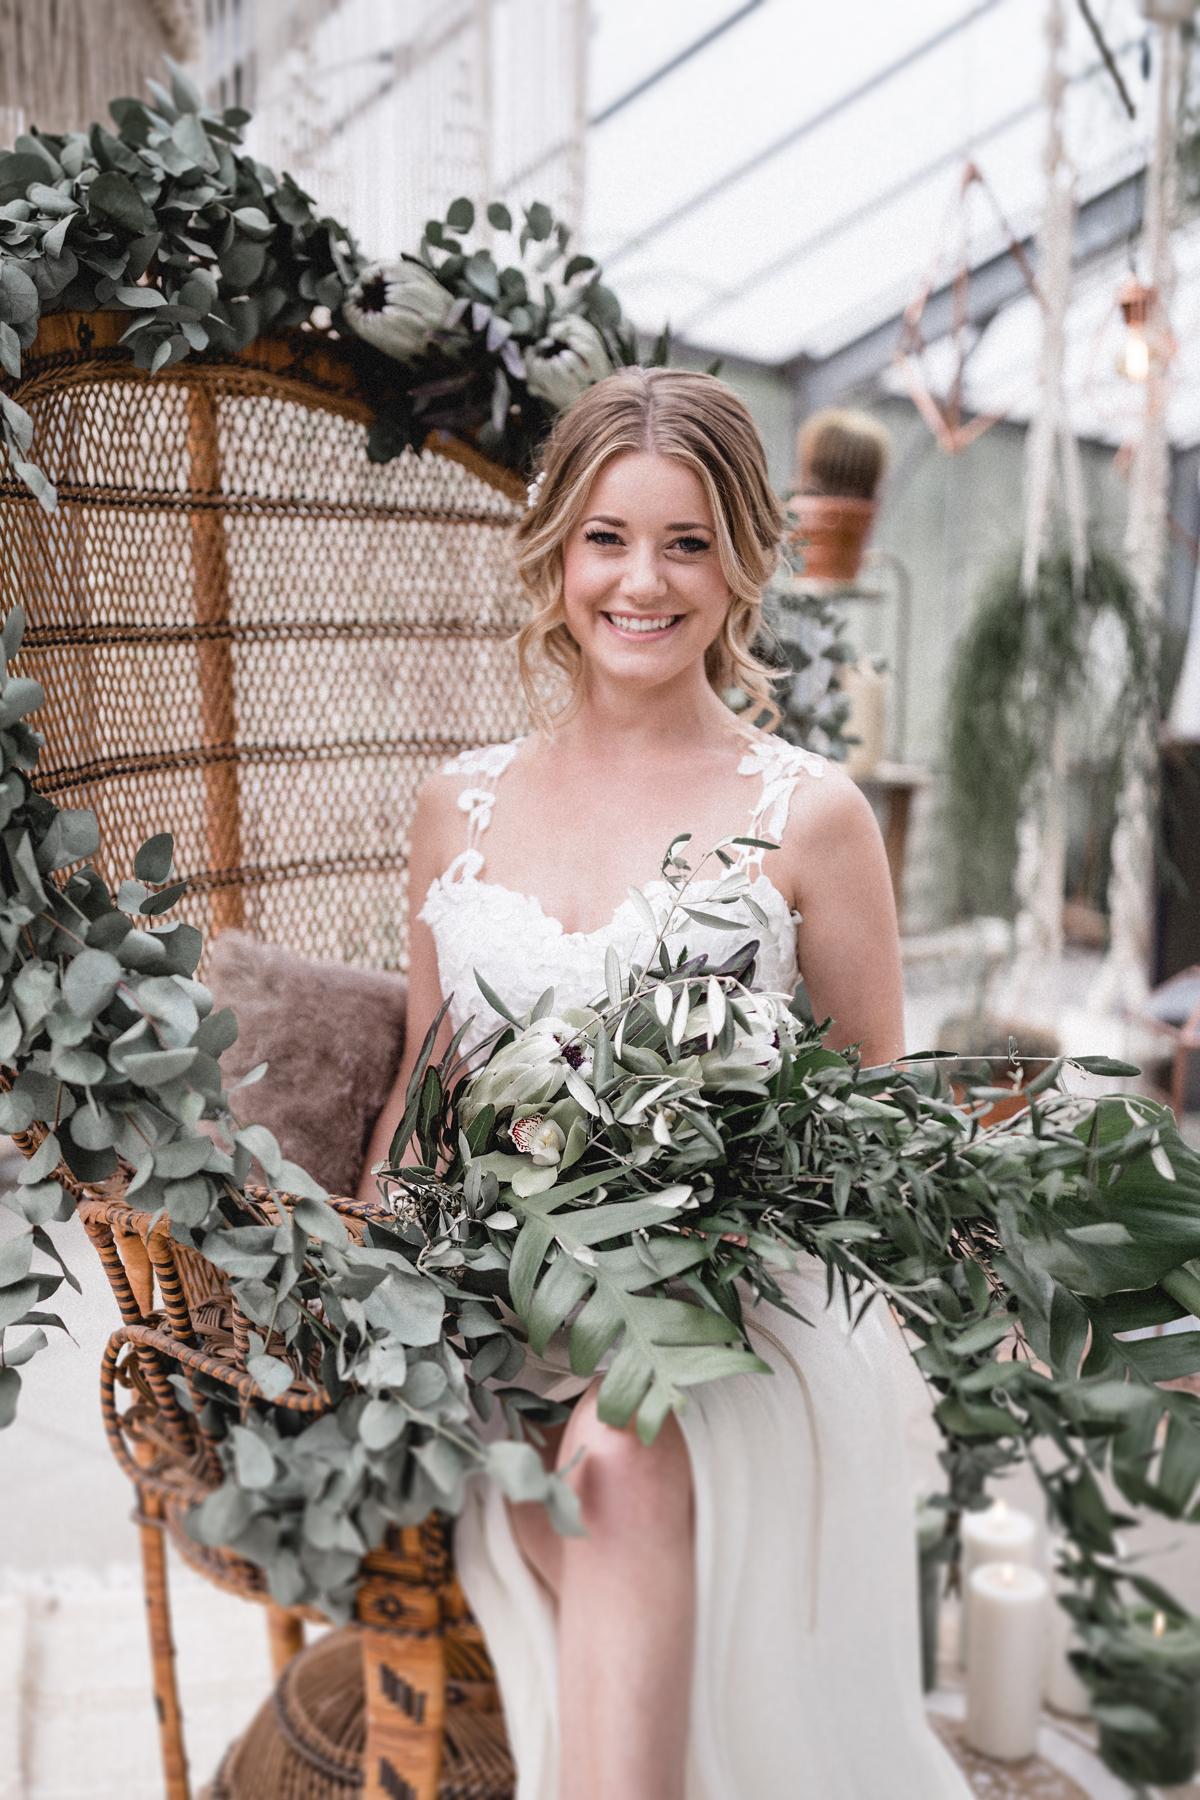 Andreas_Nusch_Hochzeitsfotografie_Brautshooting_2017_JA-Hochzeitsshop_0100